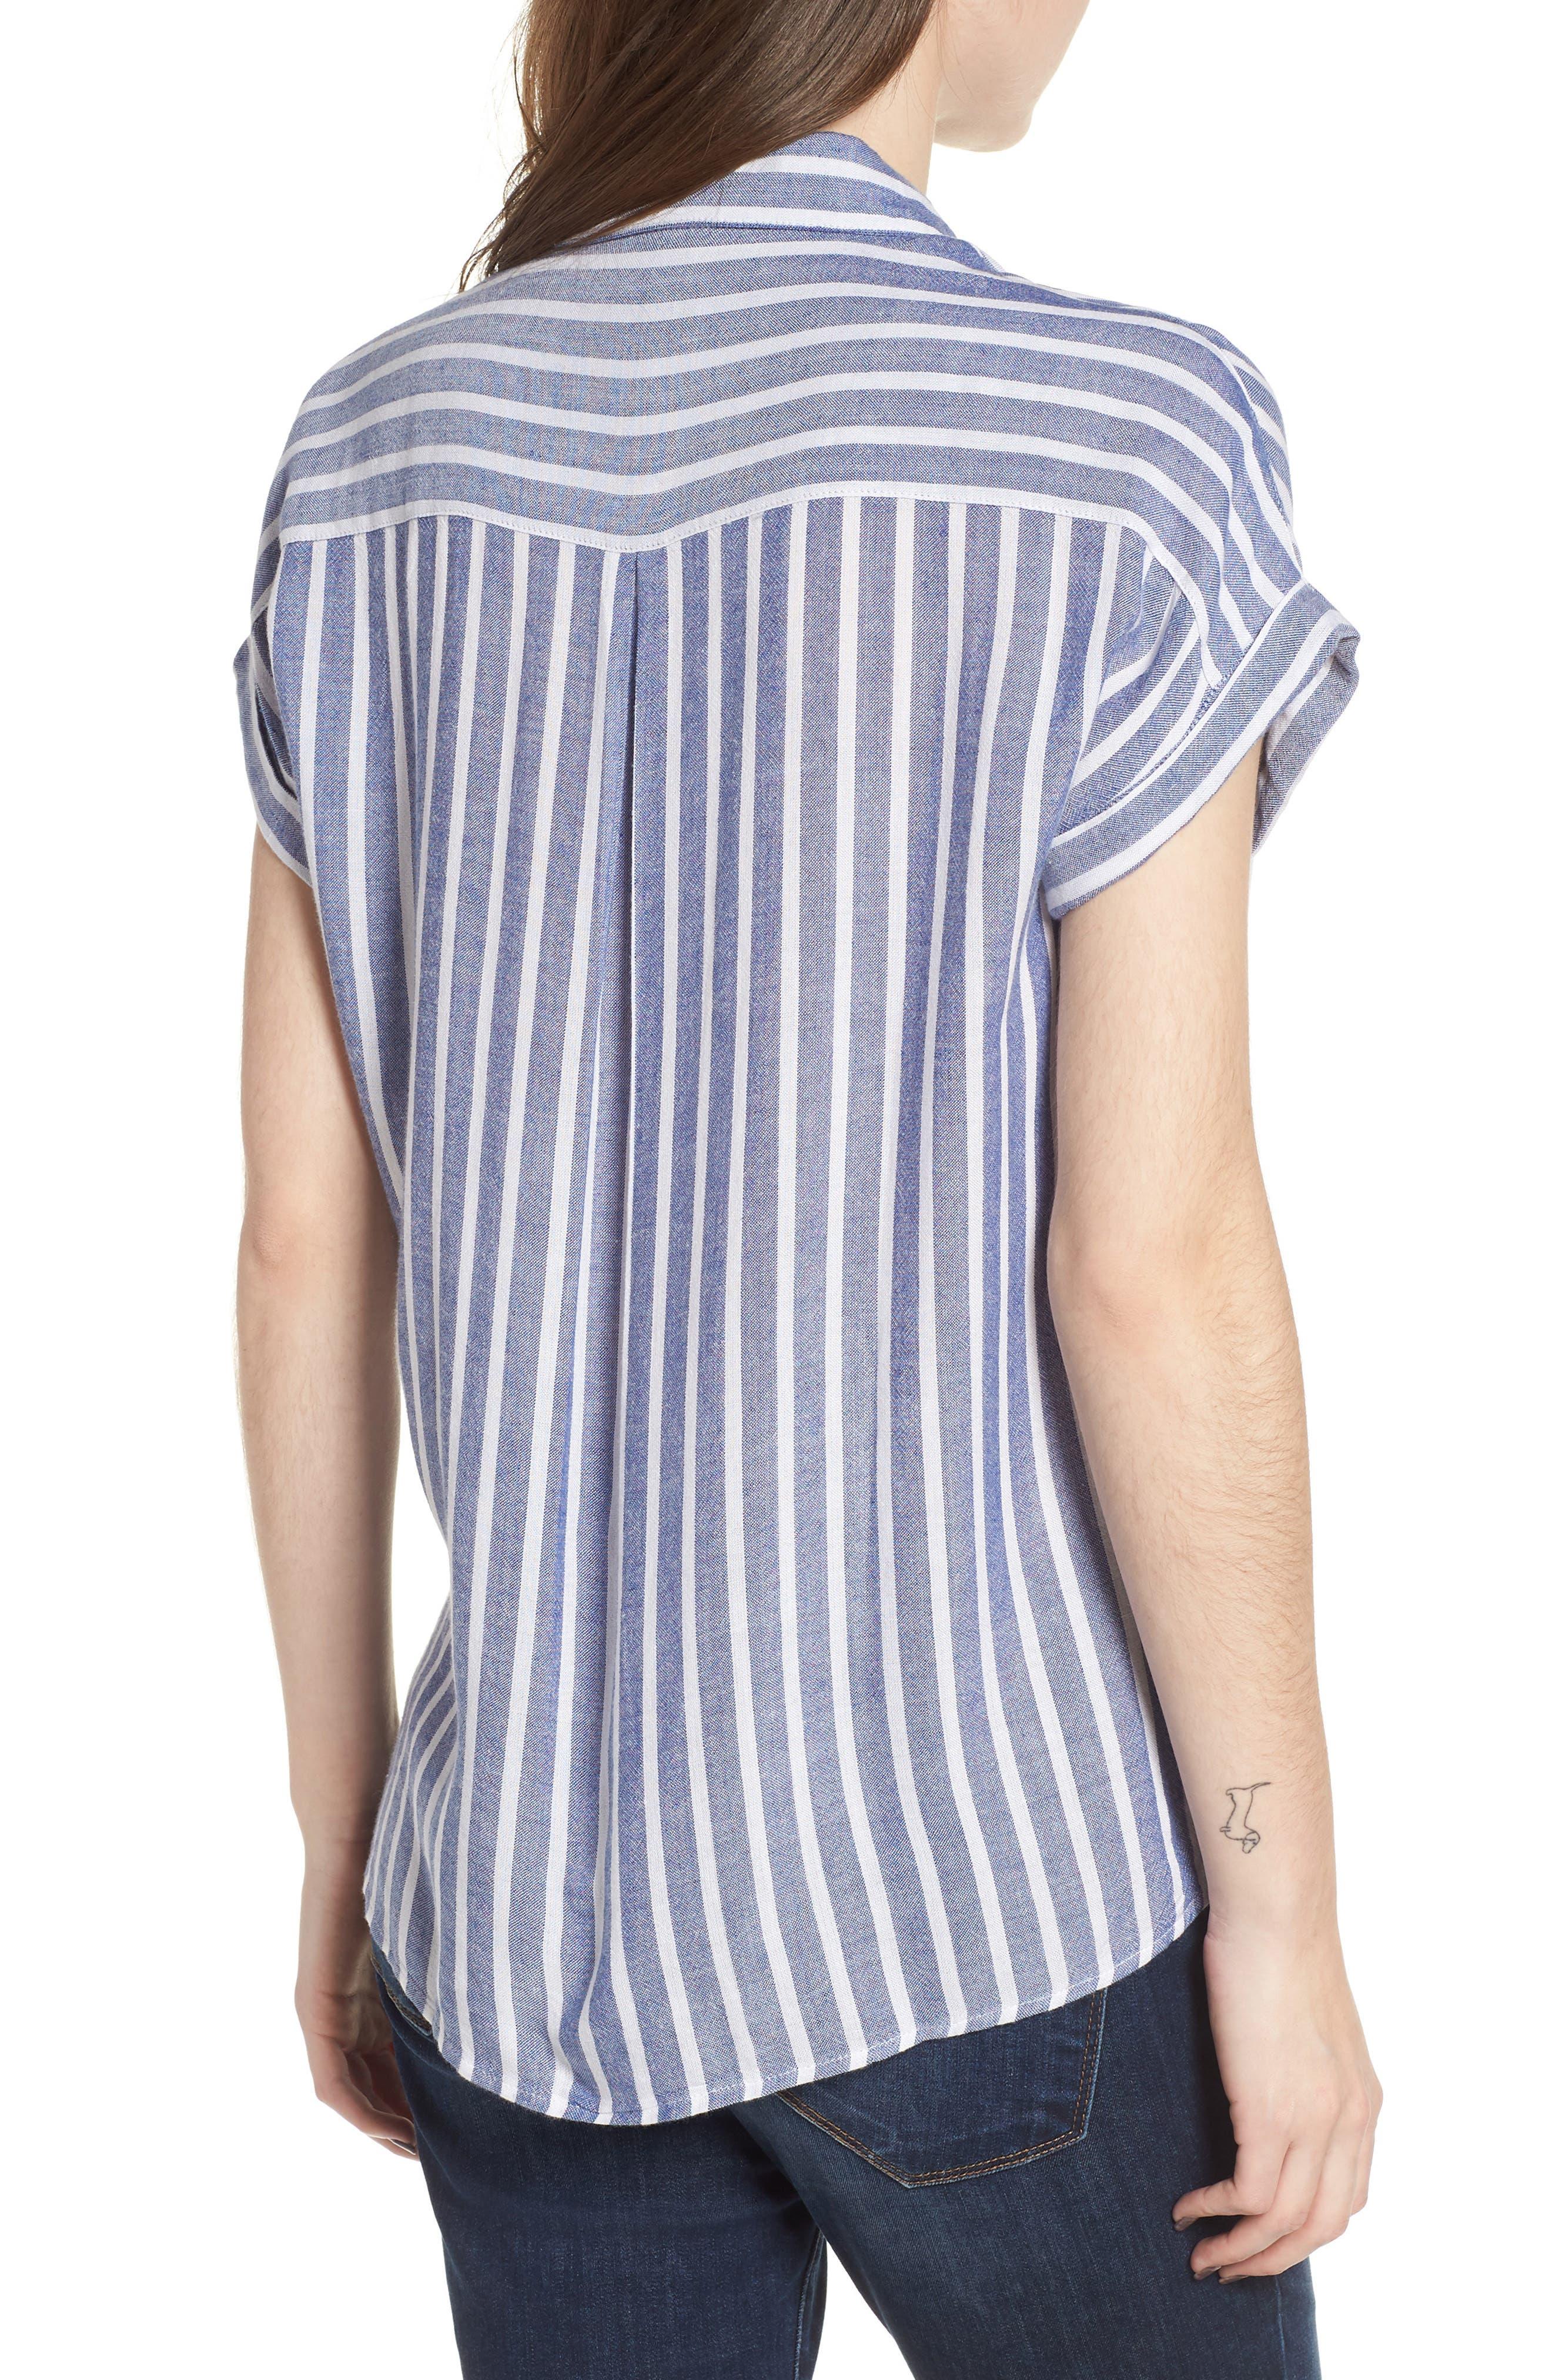 Benji Stripe Shirt,                             Alternate thumbnail 2, color,                             400